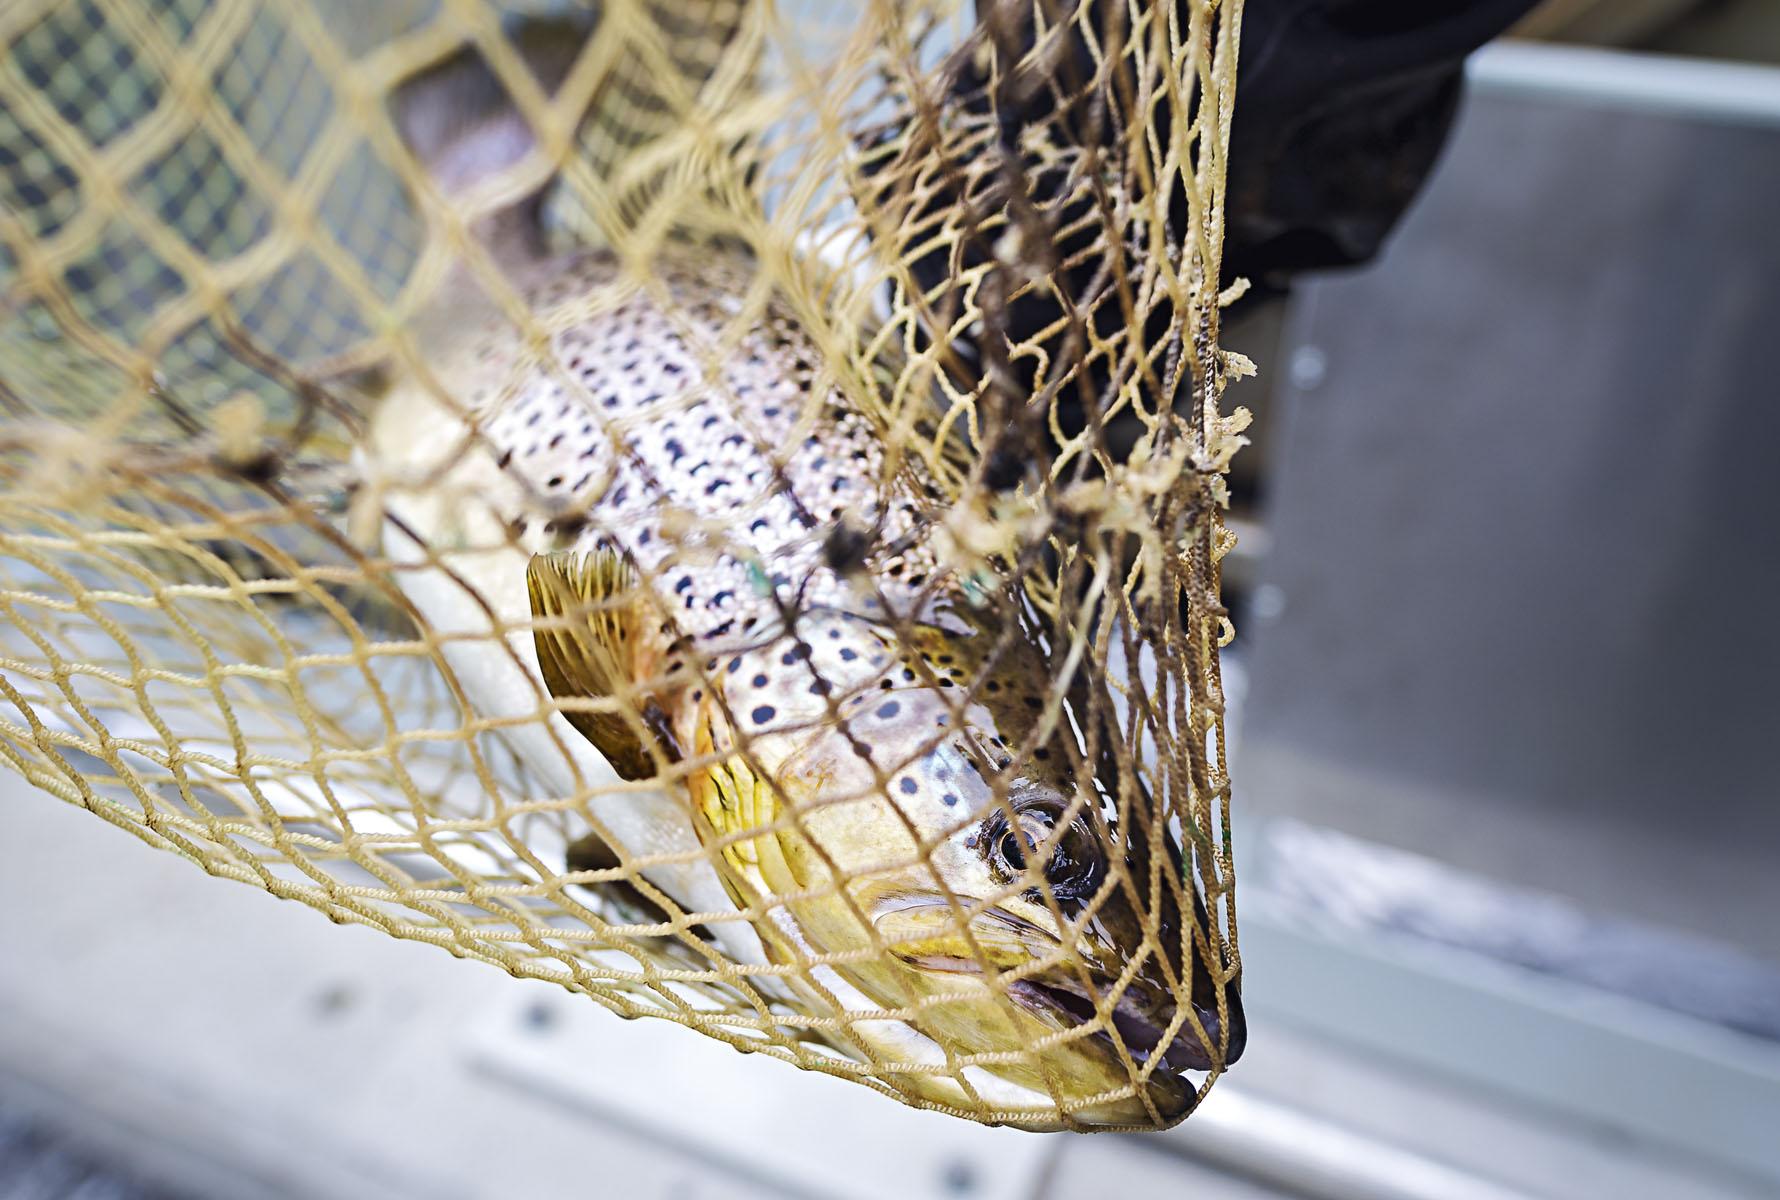 Kalat uivat Montan ylisiirtolaitteeseen kahdesta eri tavoin suunnatusta suuaukosta.